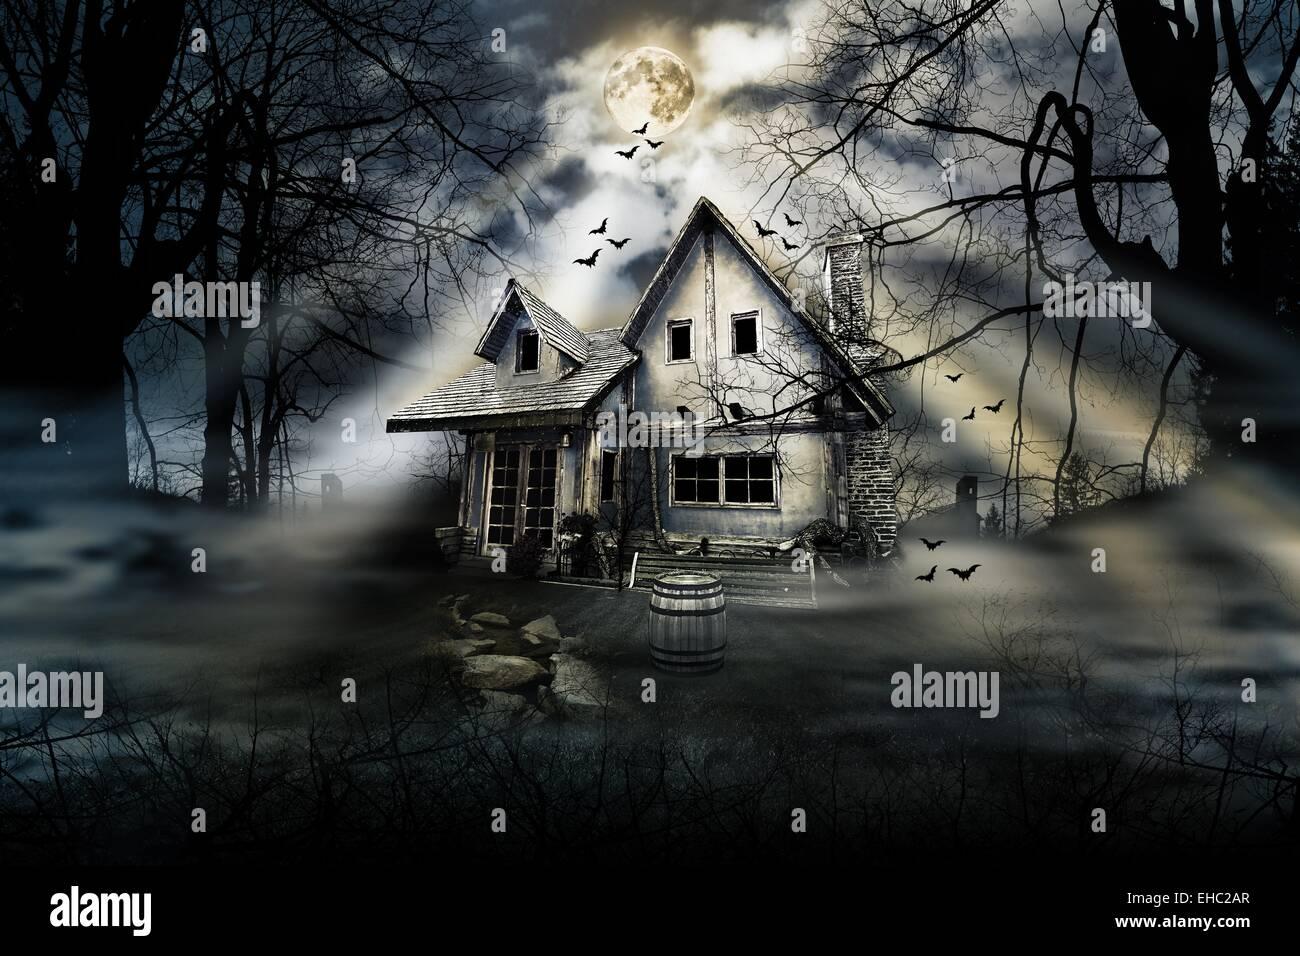 maison hant e avec atmosph re sombre horreur effrayant banque d 39 images photo stock 79555919. Black Bedroom Furniture Sets. Home Design Ideas